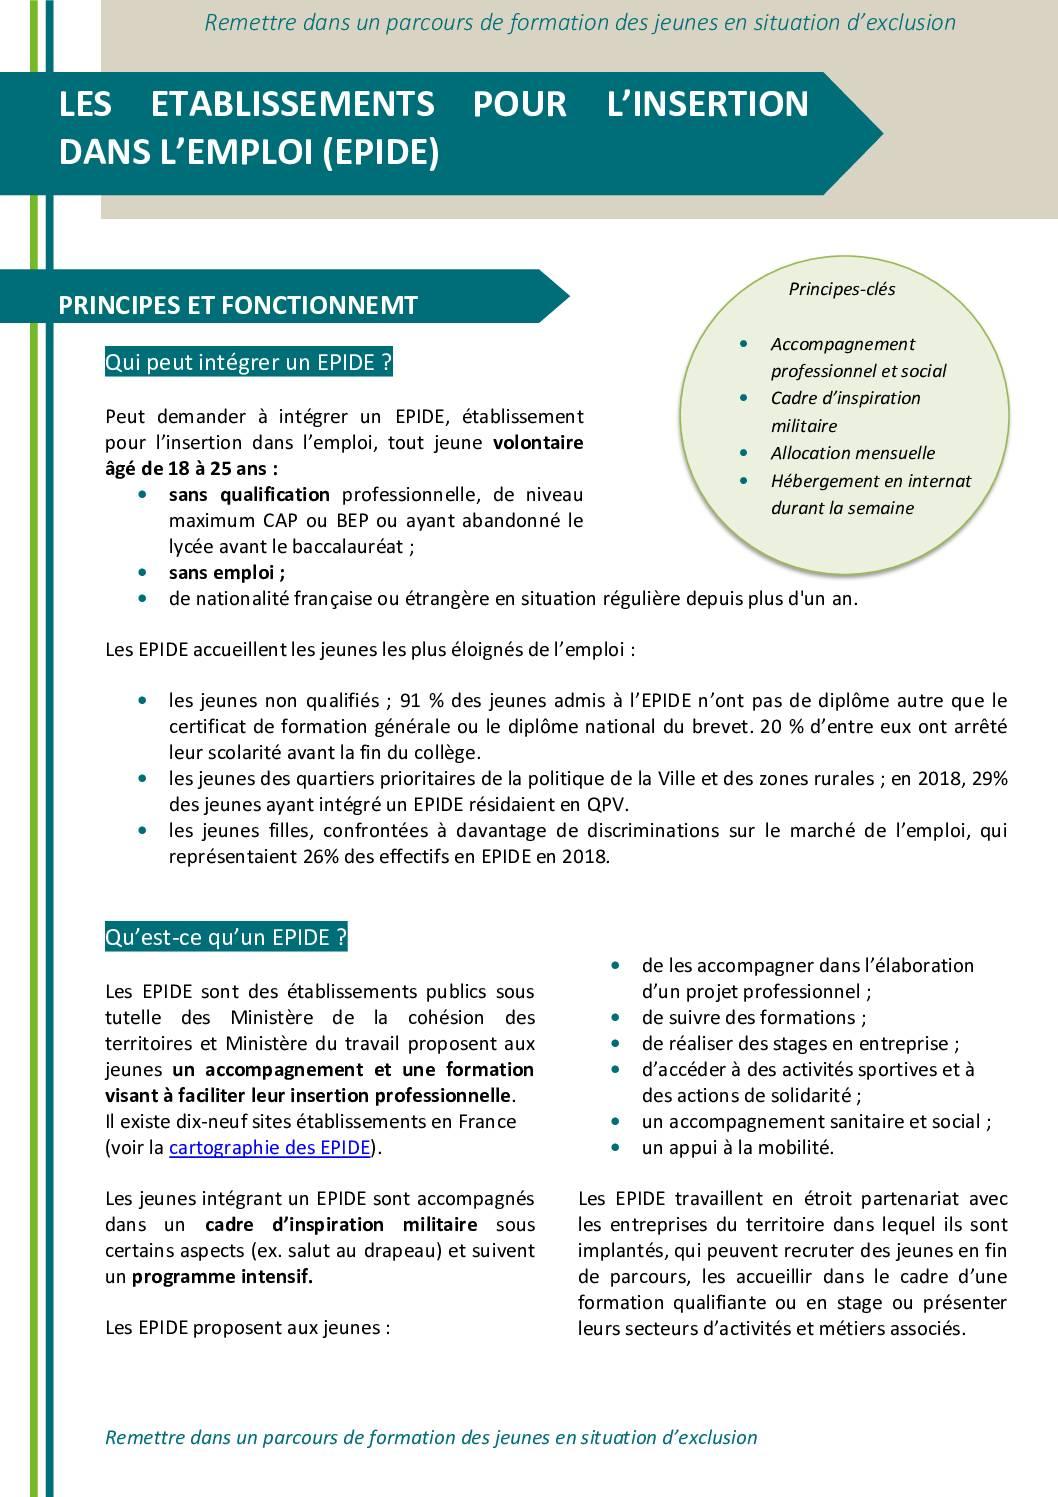 Les établissements pour l'insertion dans l'emploi (EPIDE)